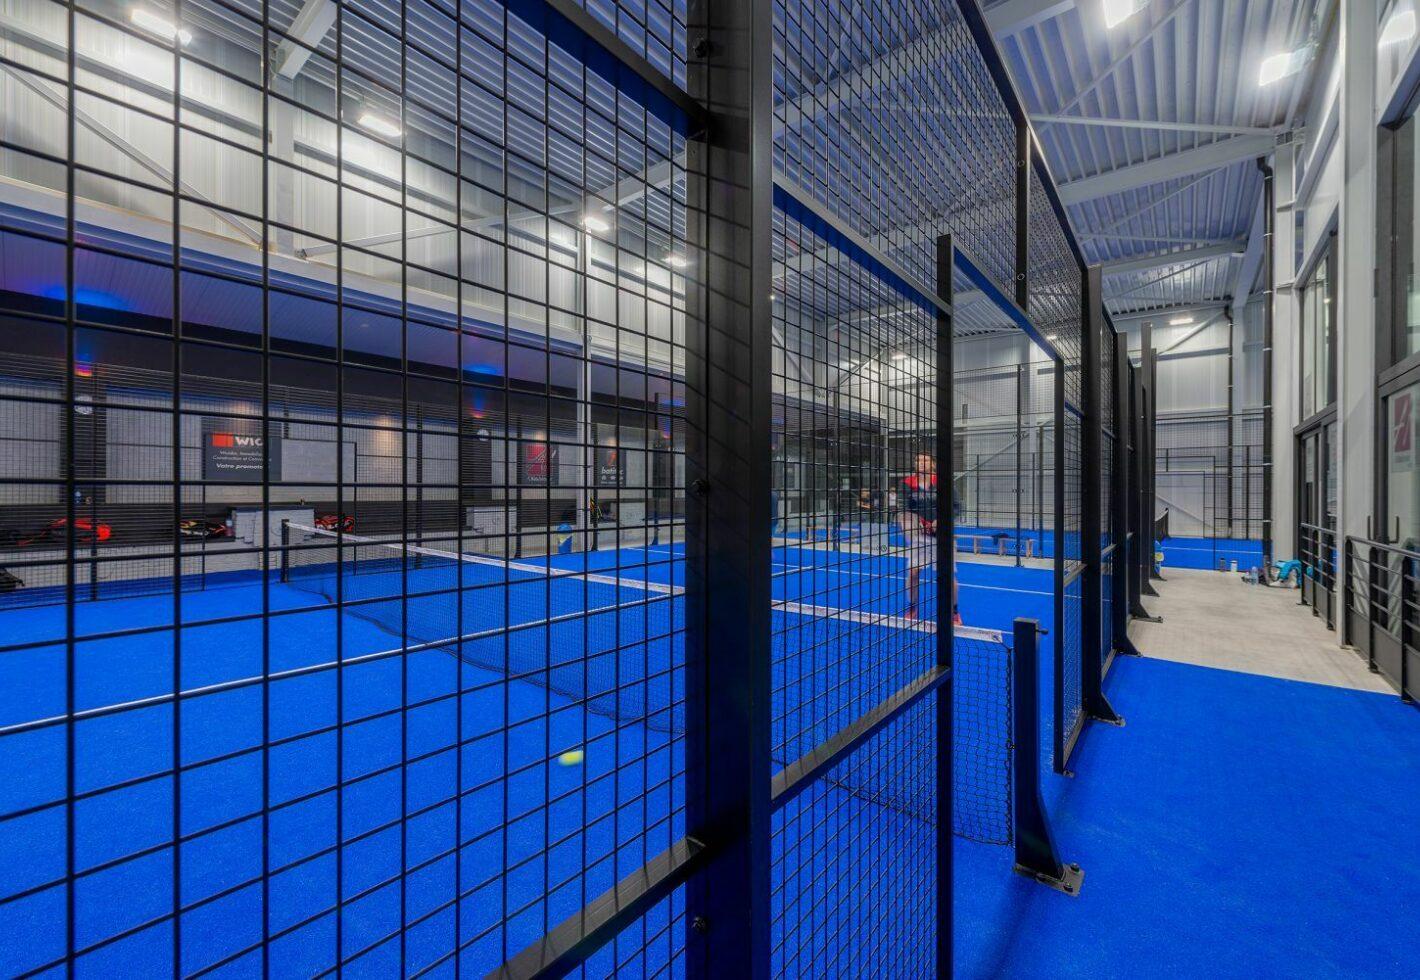 Squash 22 25 11 2019 8378